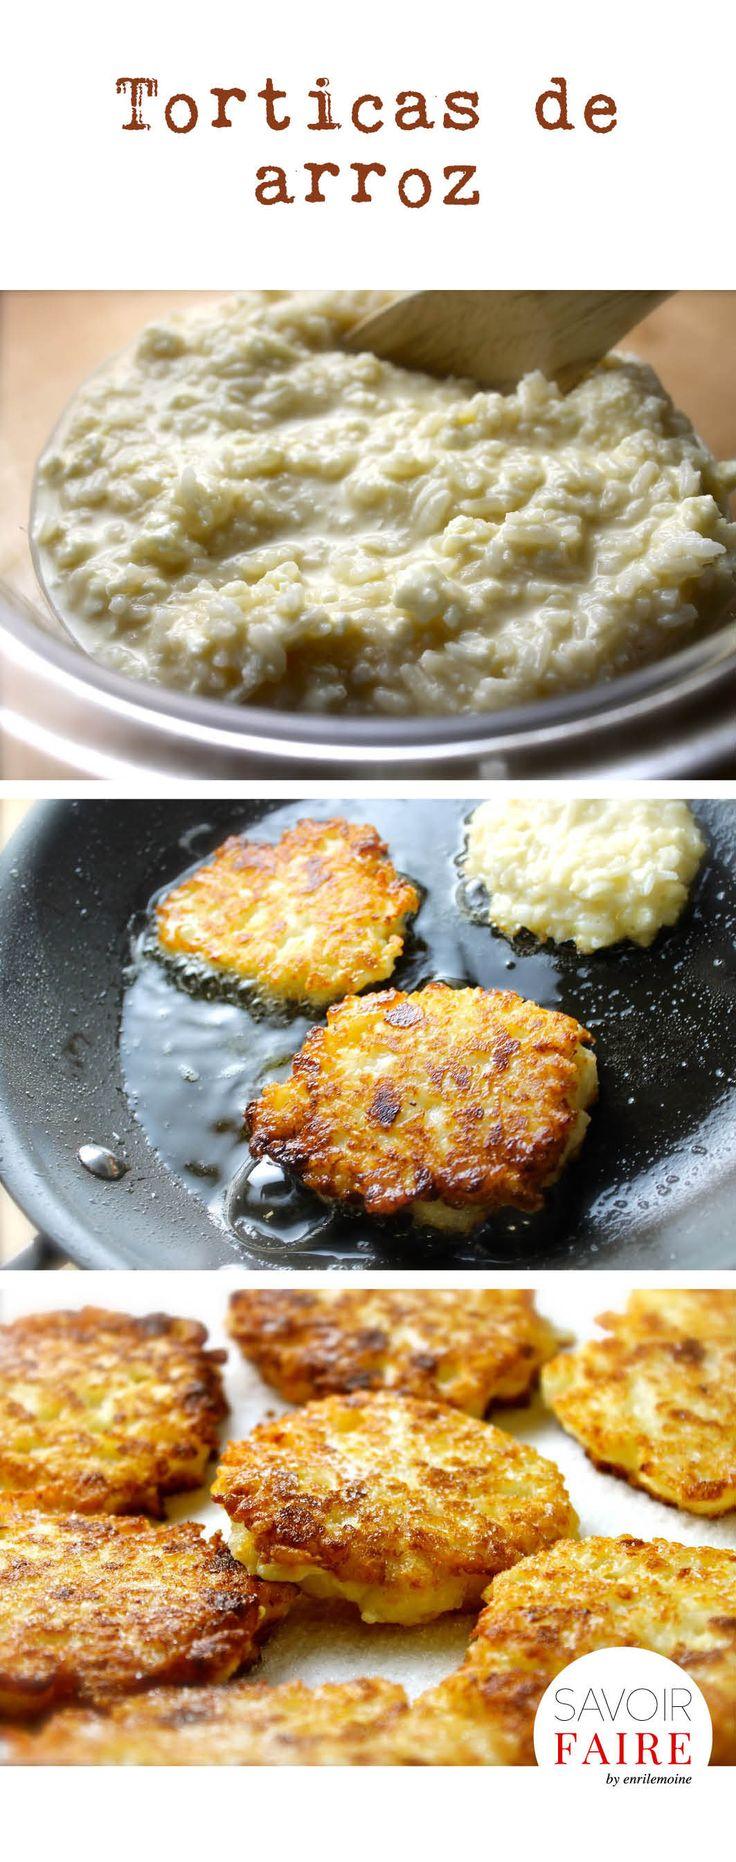 Receta de torticas de arroz con queso (como las que hacía mi abuelita)